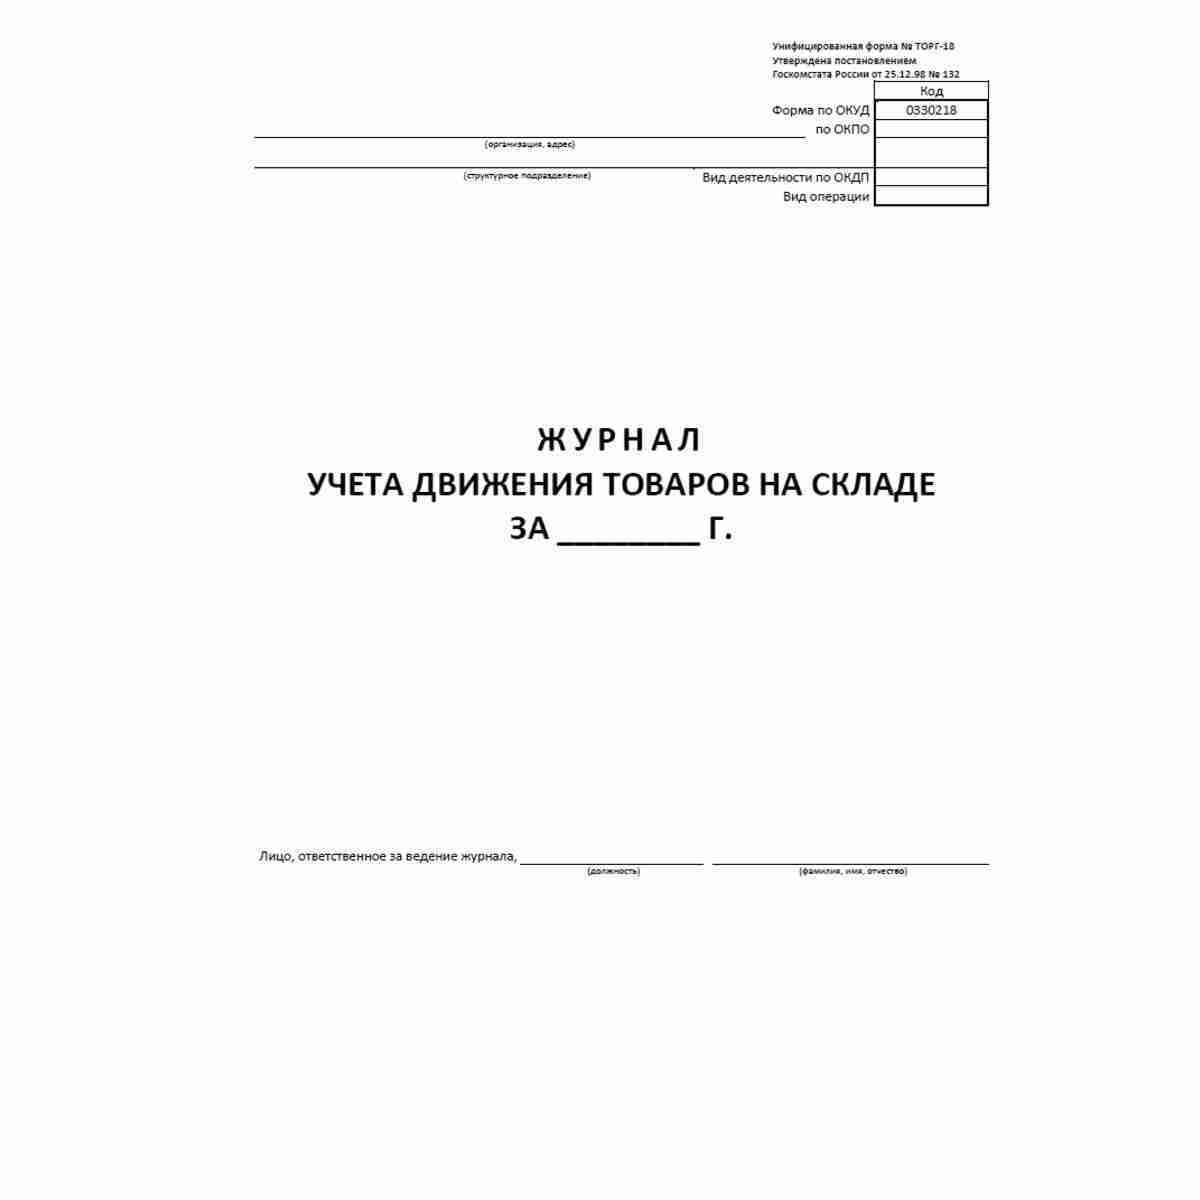 """Унифицированная форма первичной учетной документации №ТОРГ-18 """"Журнал учета движения товаров на складе"""" (ОКУД 0330218). Обложка журнала."""